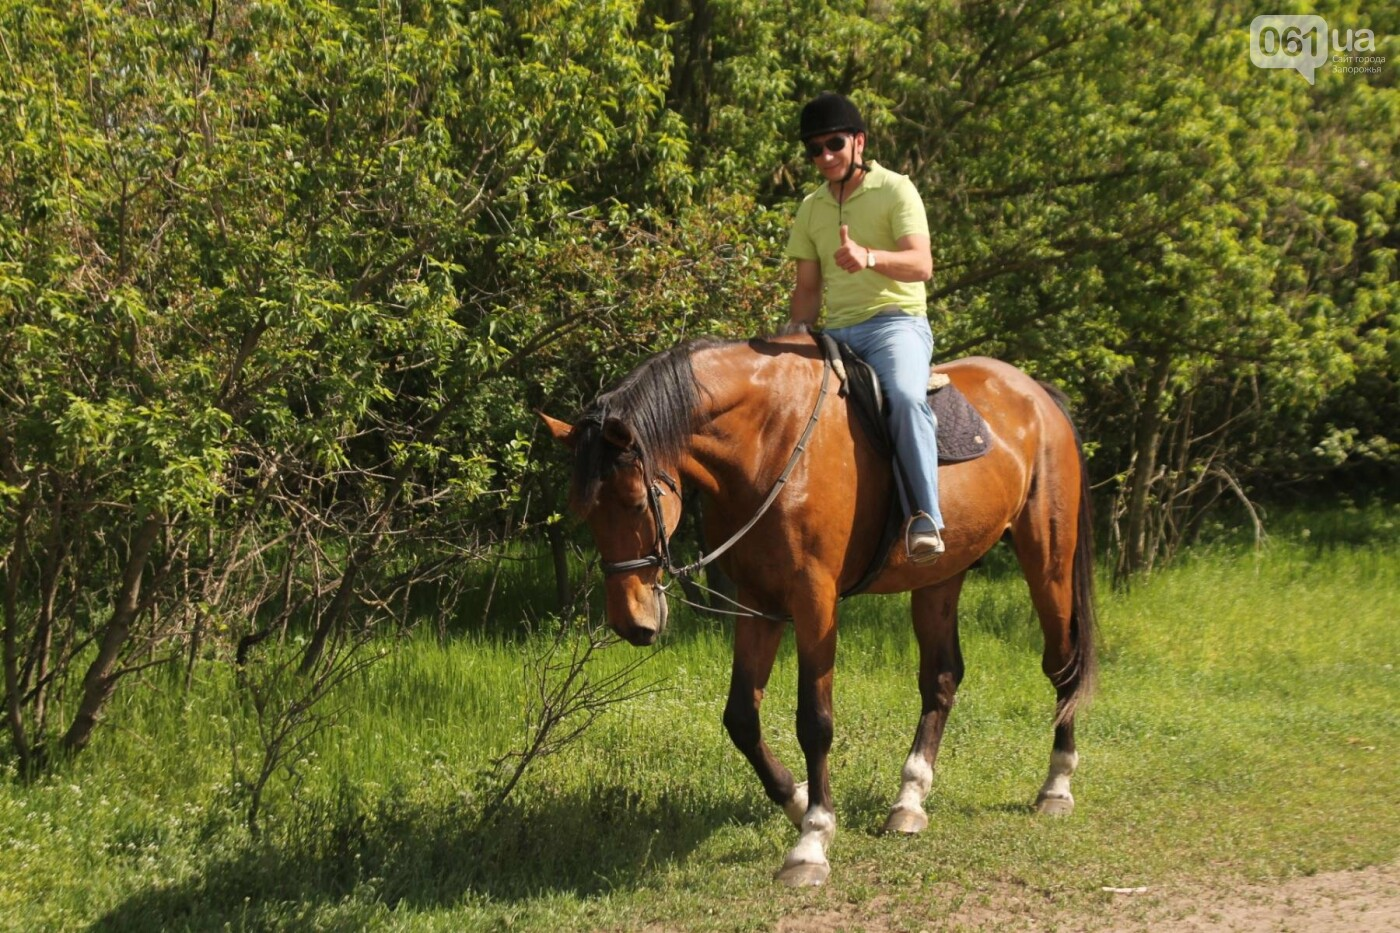 Незабываемое общение с лошадьми: экскурсия в конноспортивный клуб «Патриот», – ФОТОРЕПОРТАЖ, фото-16